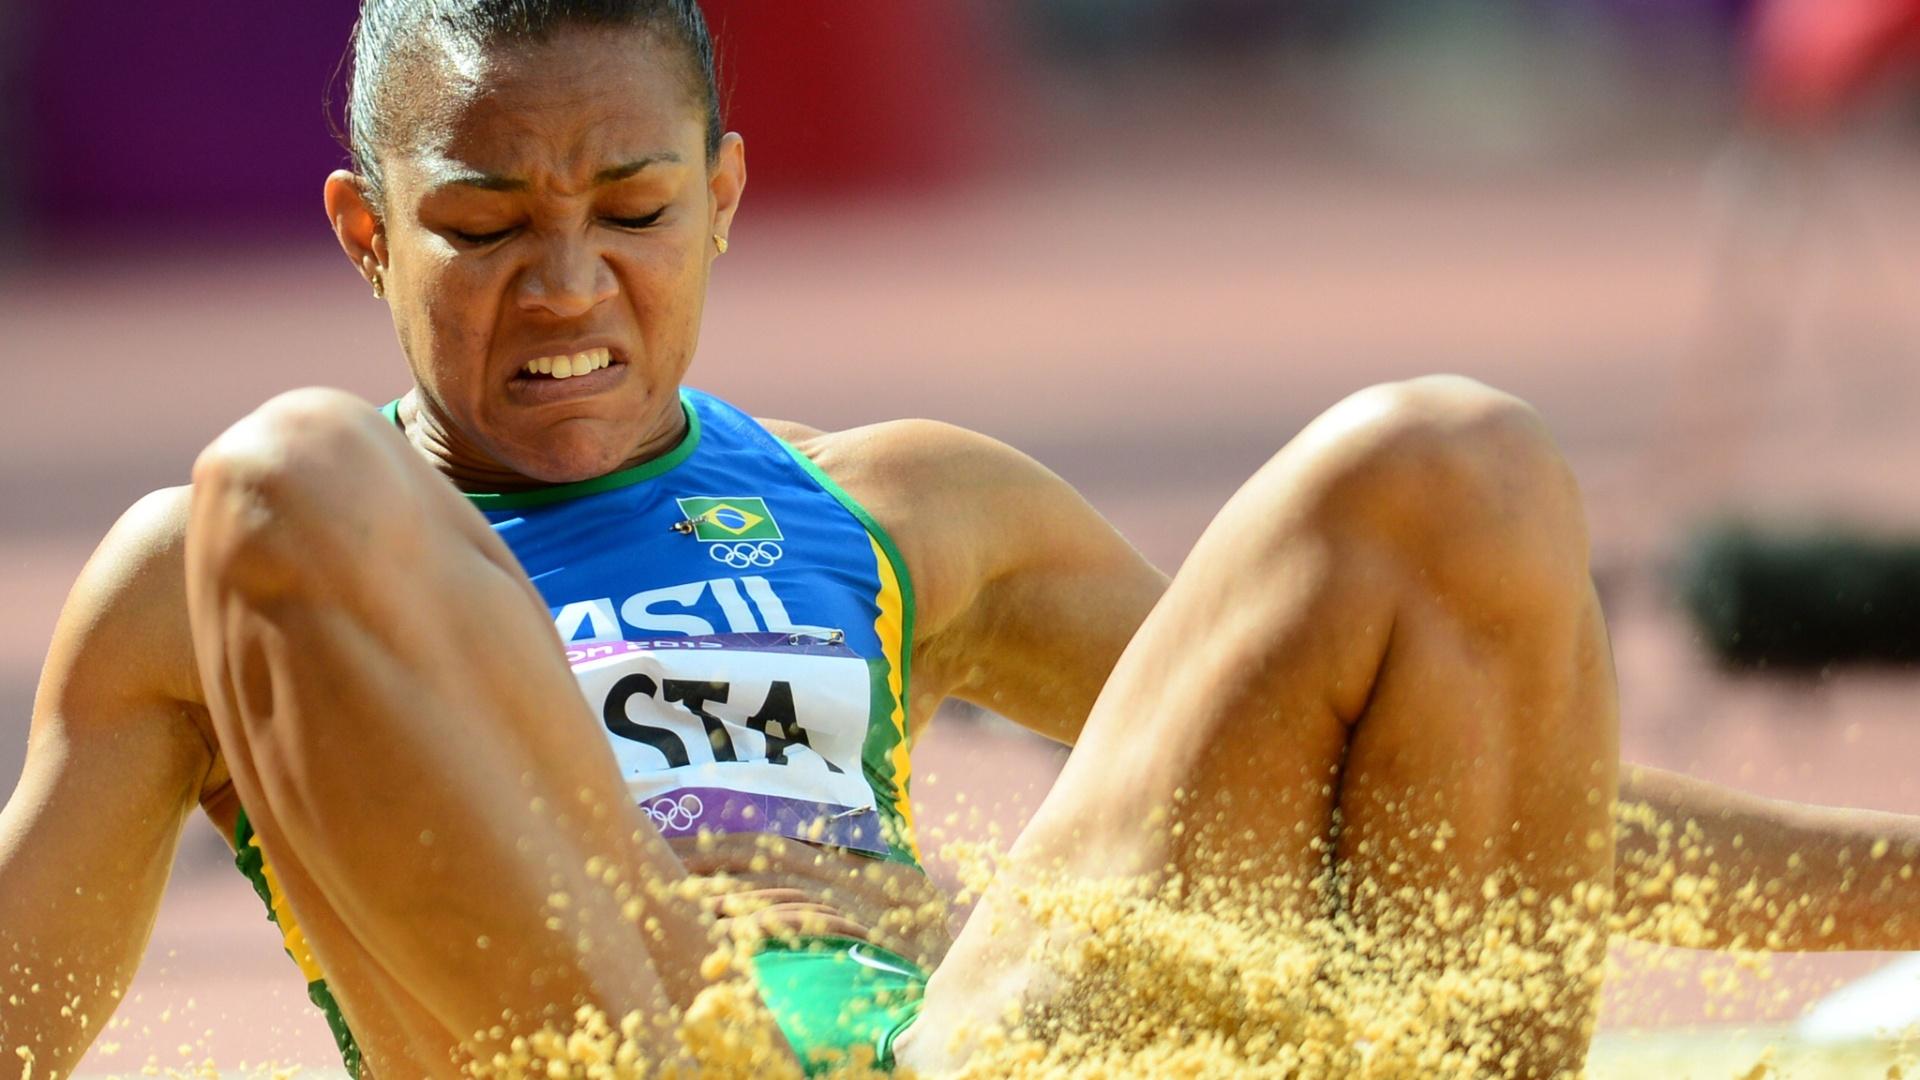 Keila Costa faz sua participação na eliminatória da prova de salto triplo dos Jogos Olímpicos